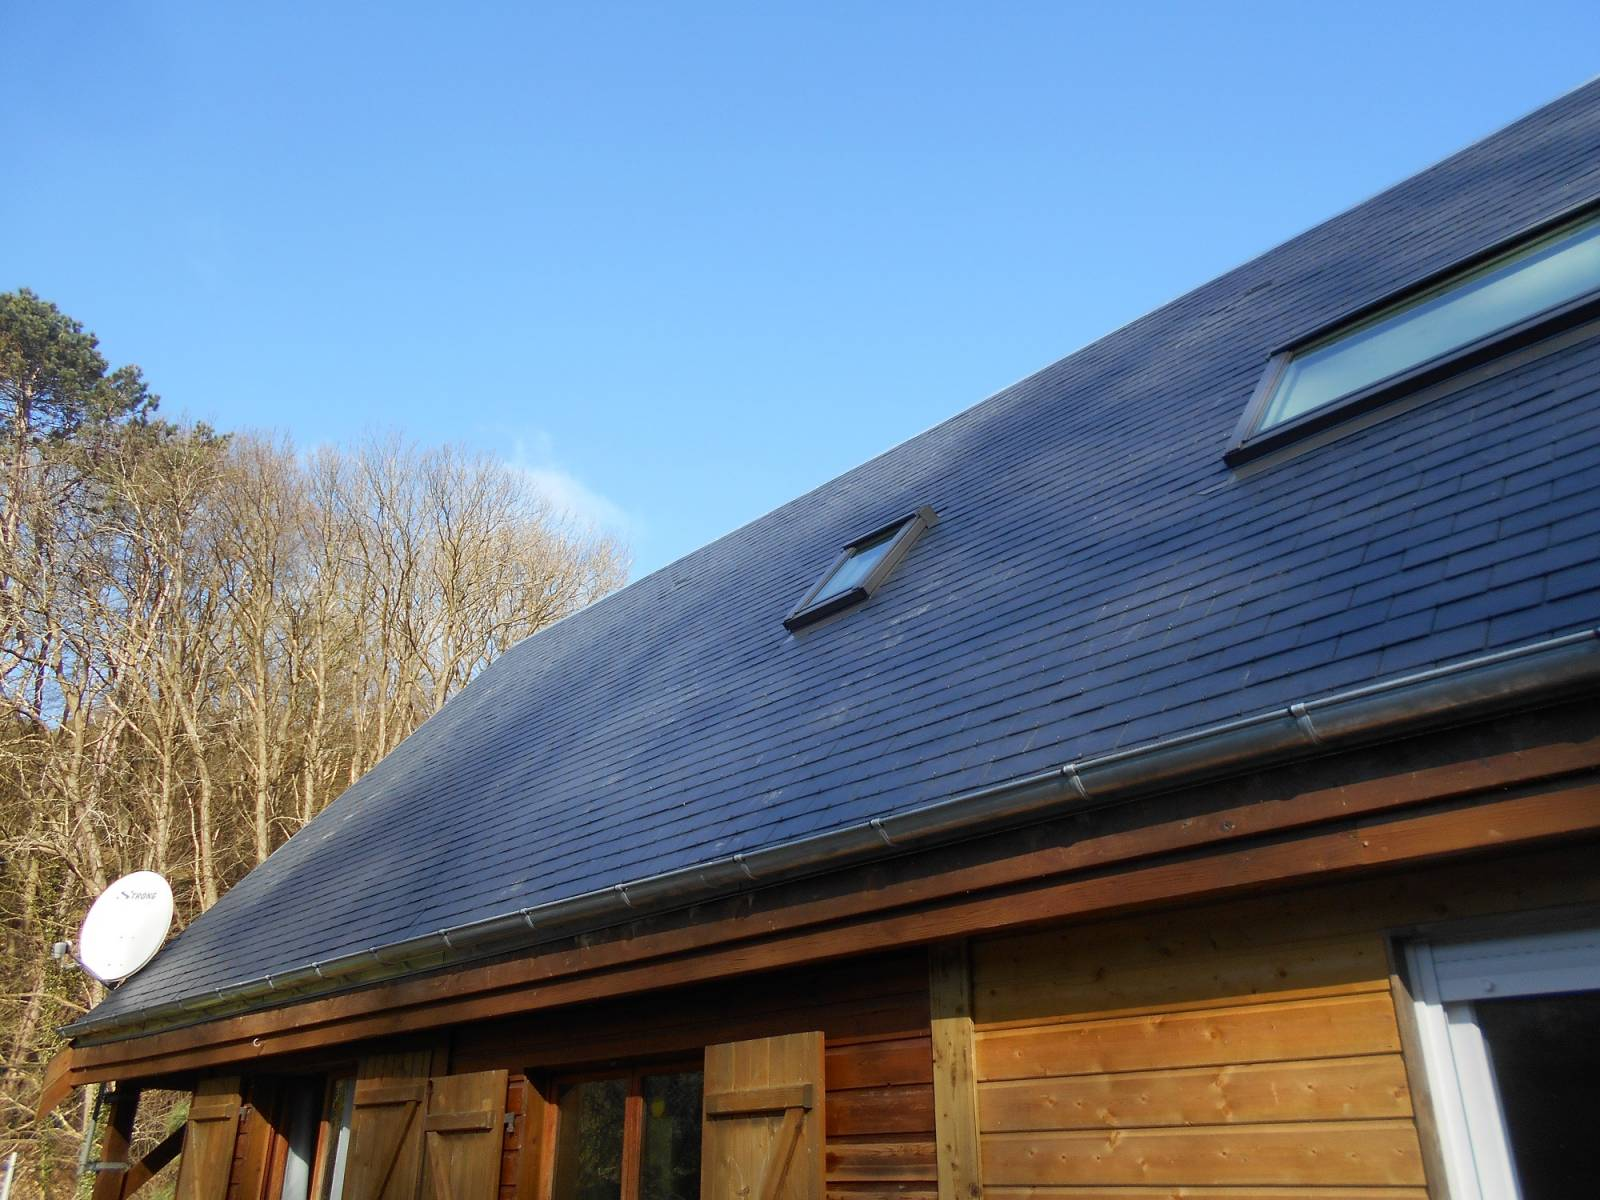 Rénover votre toiture en ardoises par un artisan qualifié proche d'Etretat - Entreprise de ...